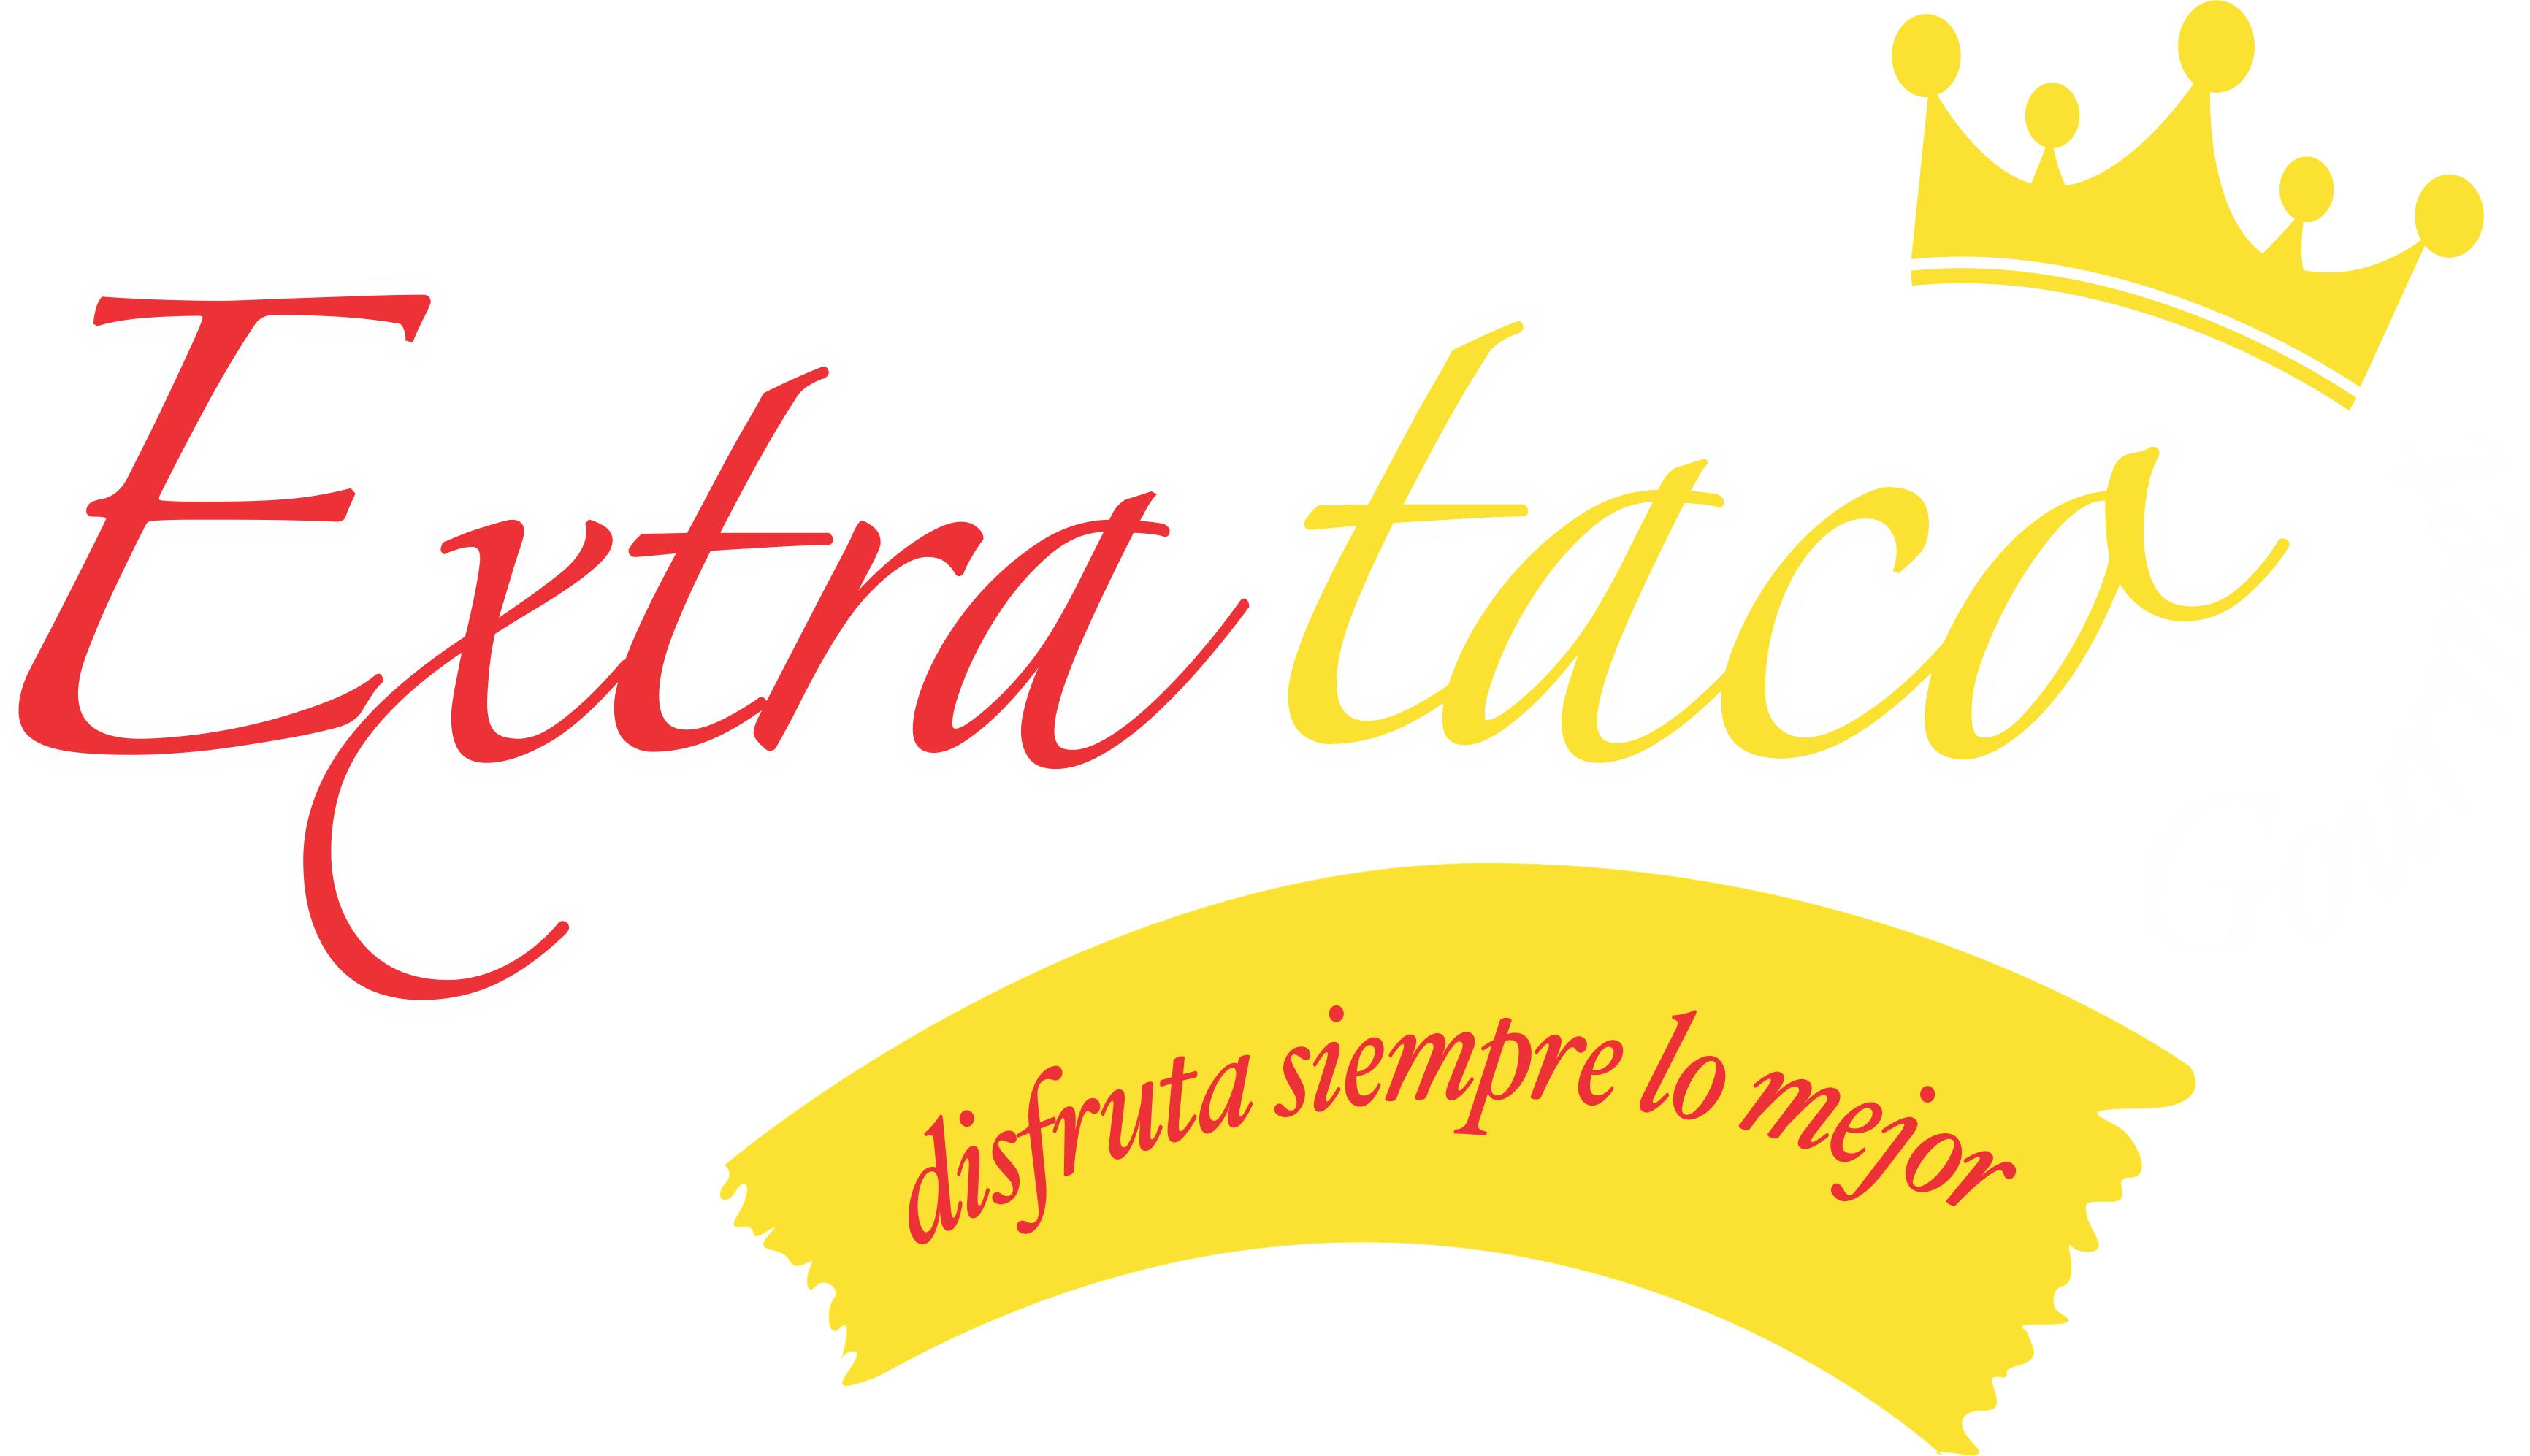 Extrataco Gourmet